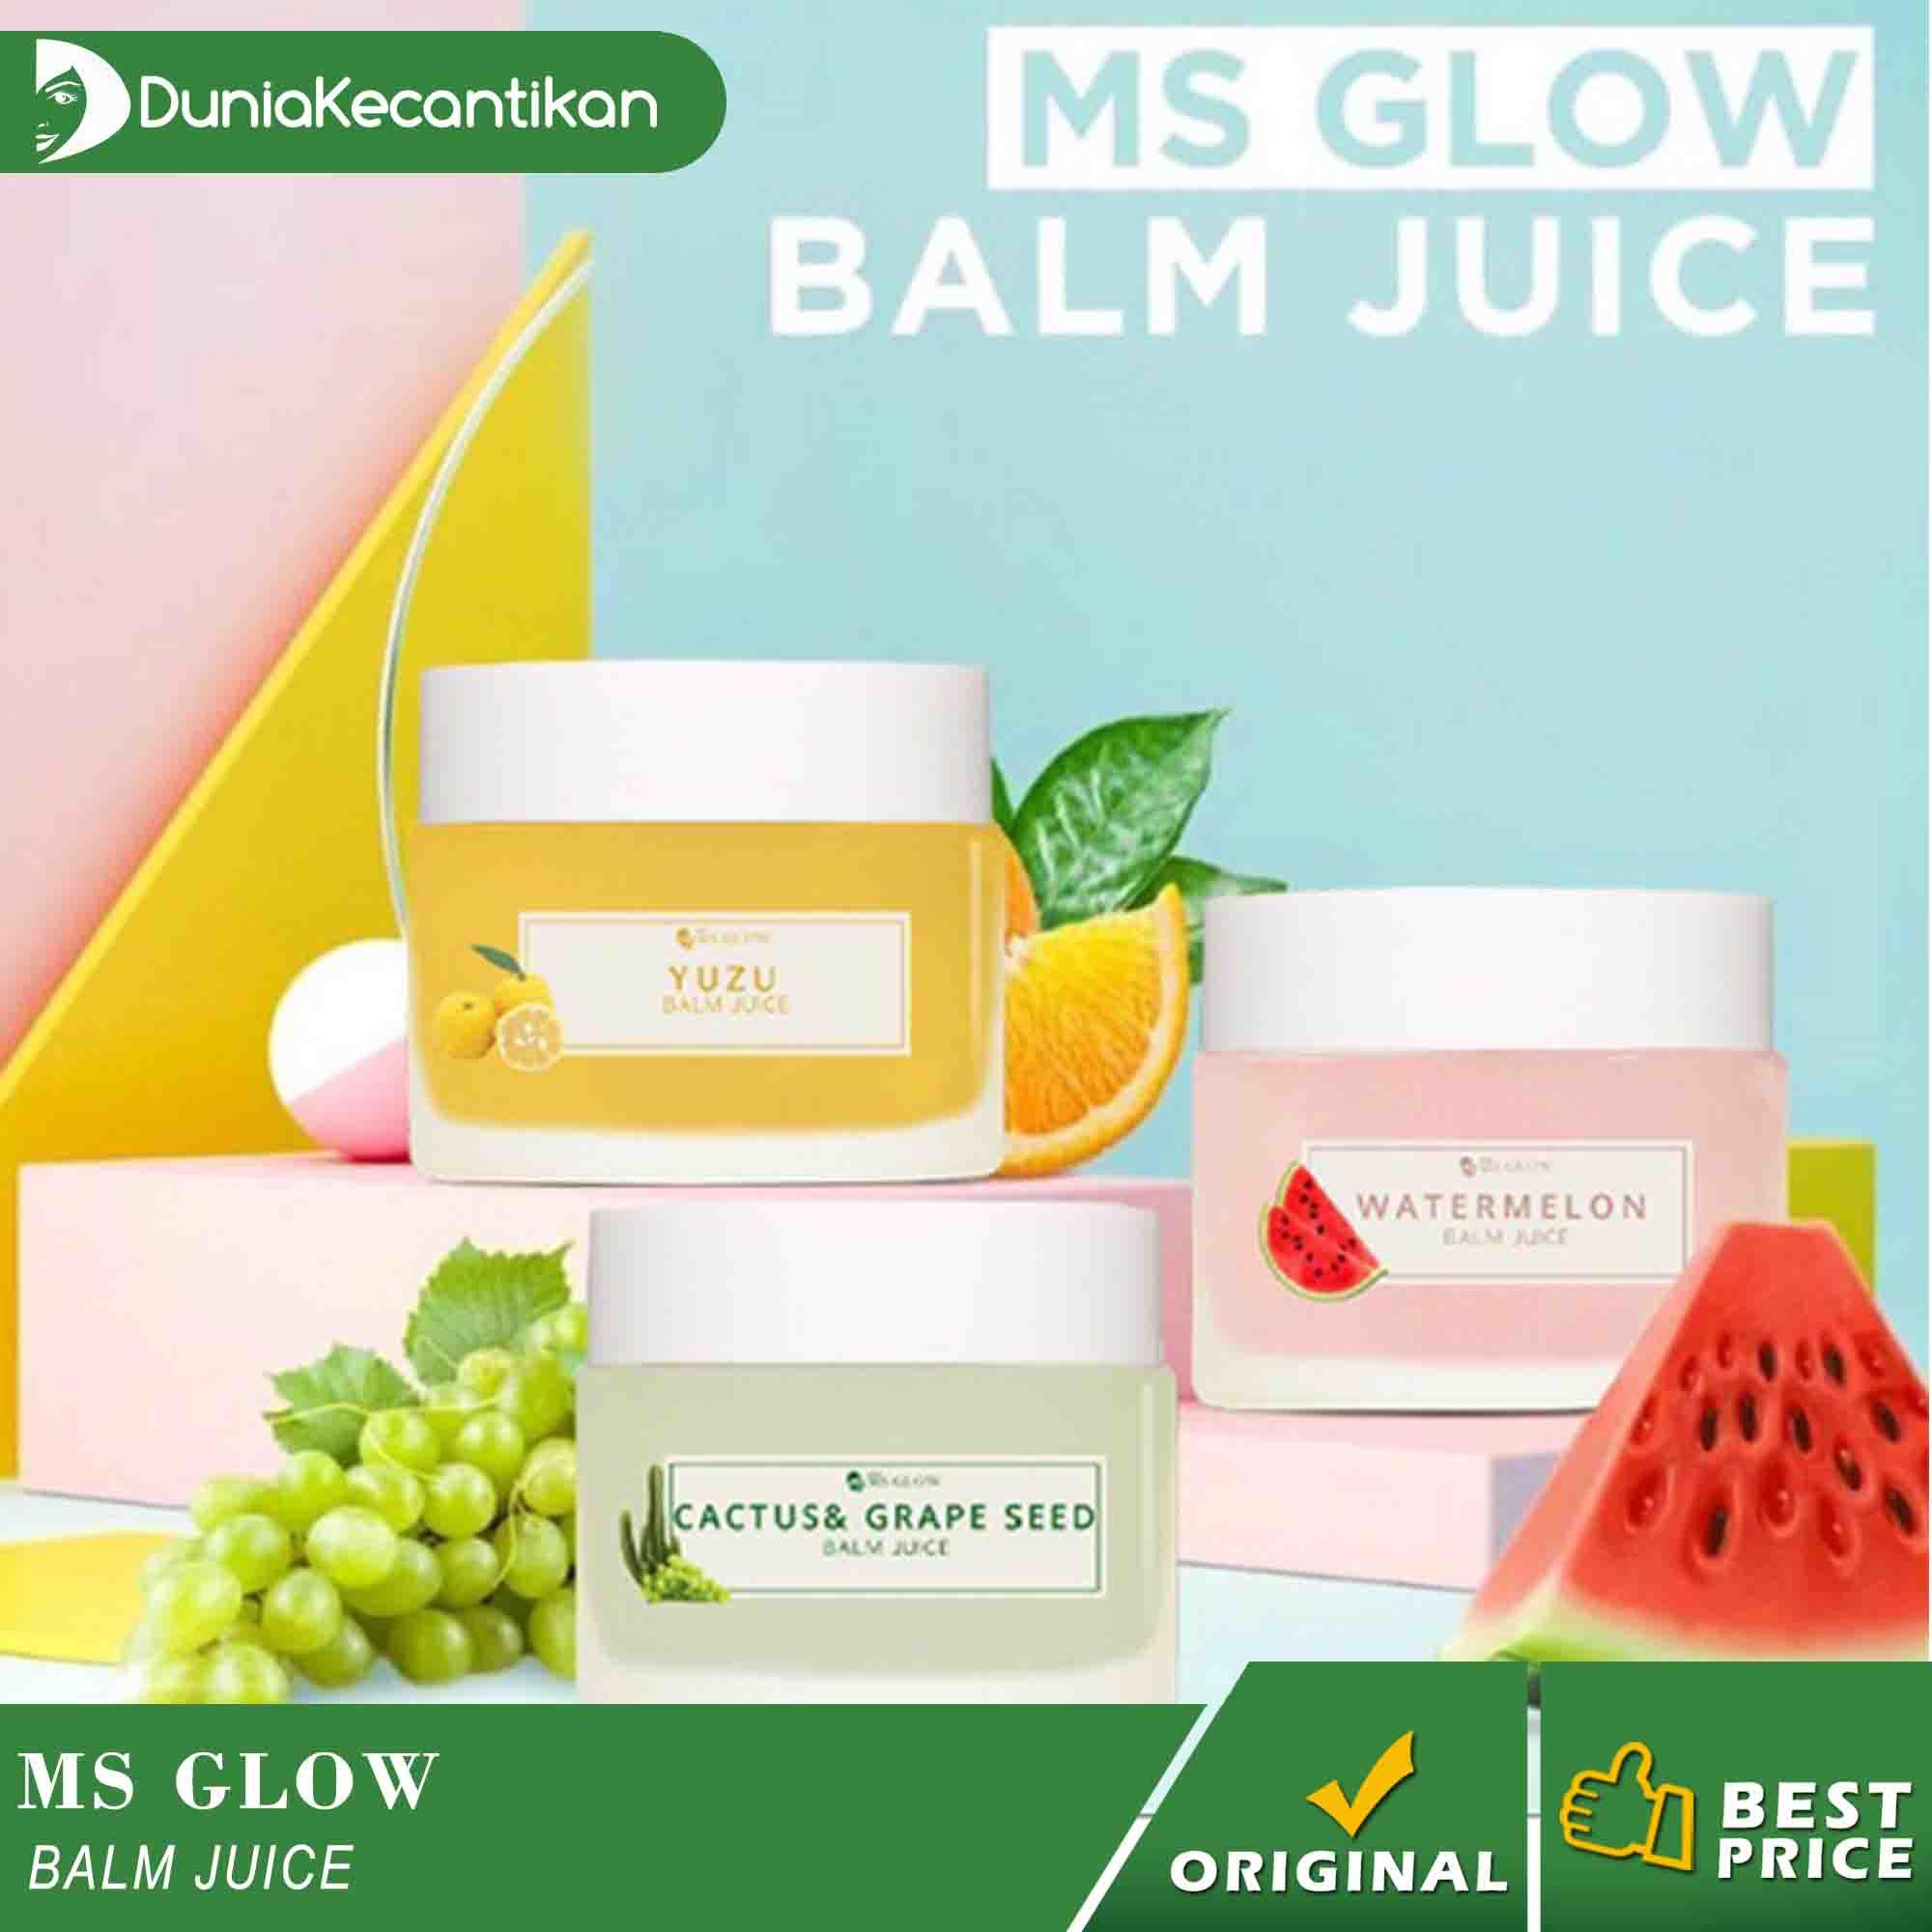 MS Glow Balm Juice Original Cleansing Balm Juice MSGlow - Balm Juice thumbnail